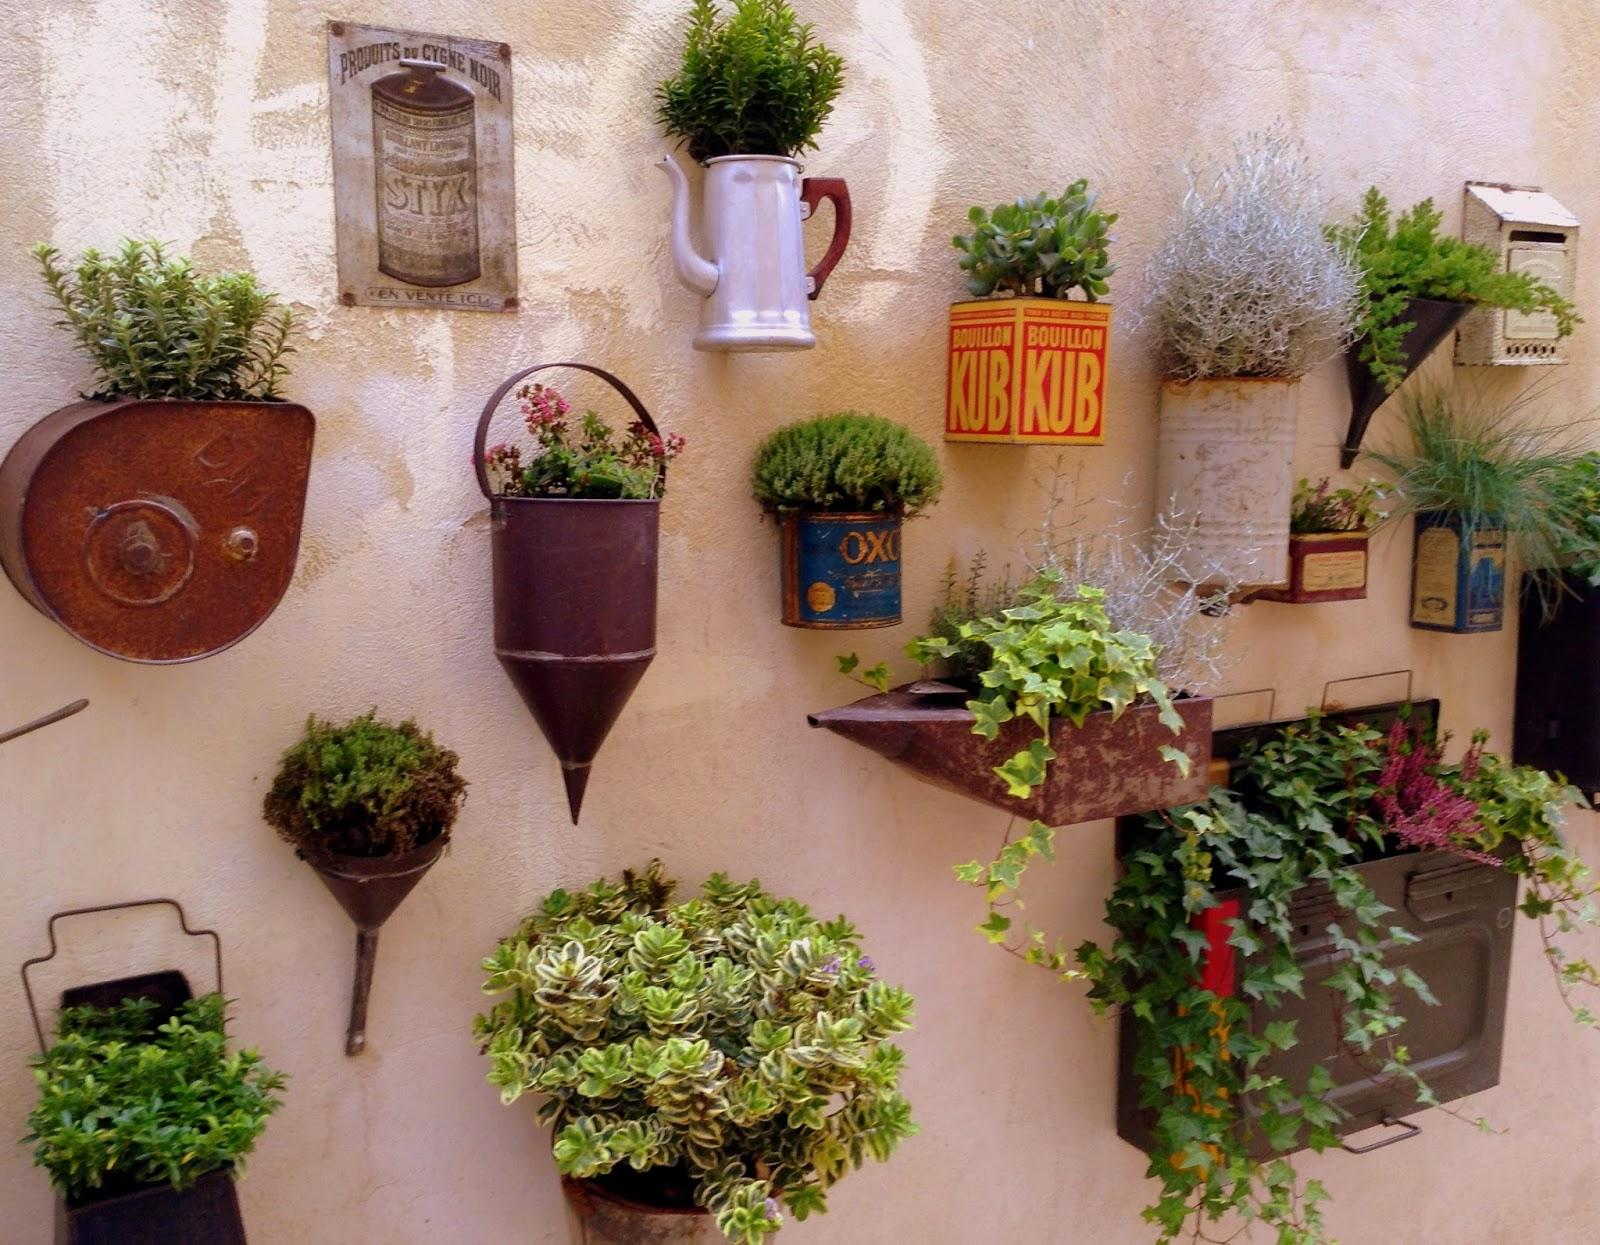 ambiances et gourmandises de mj petit jardin suspendu. Black Bedroom Furniture Sets. Home Design Ideas